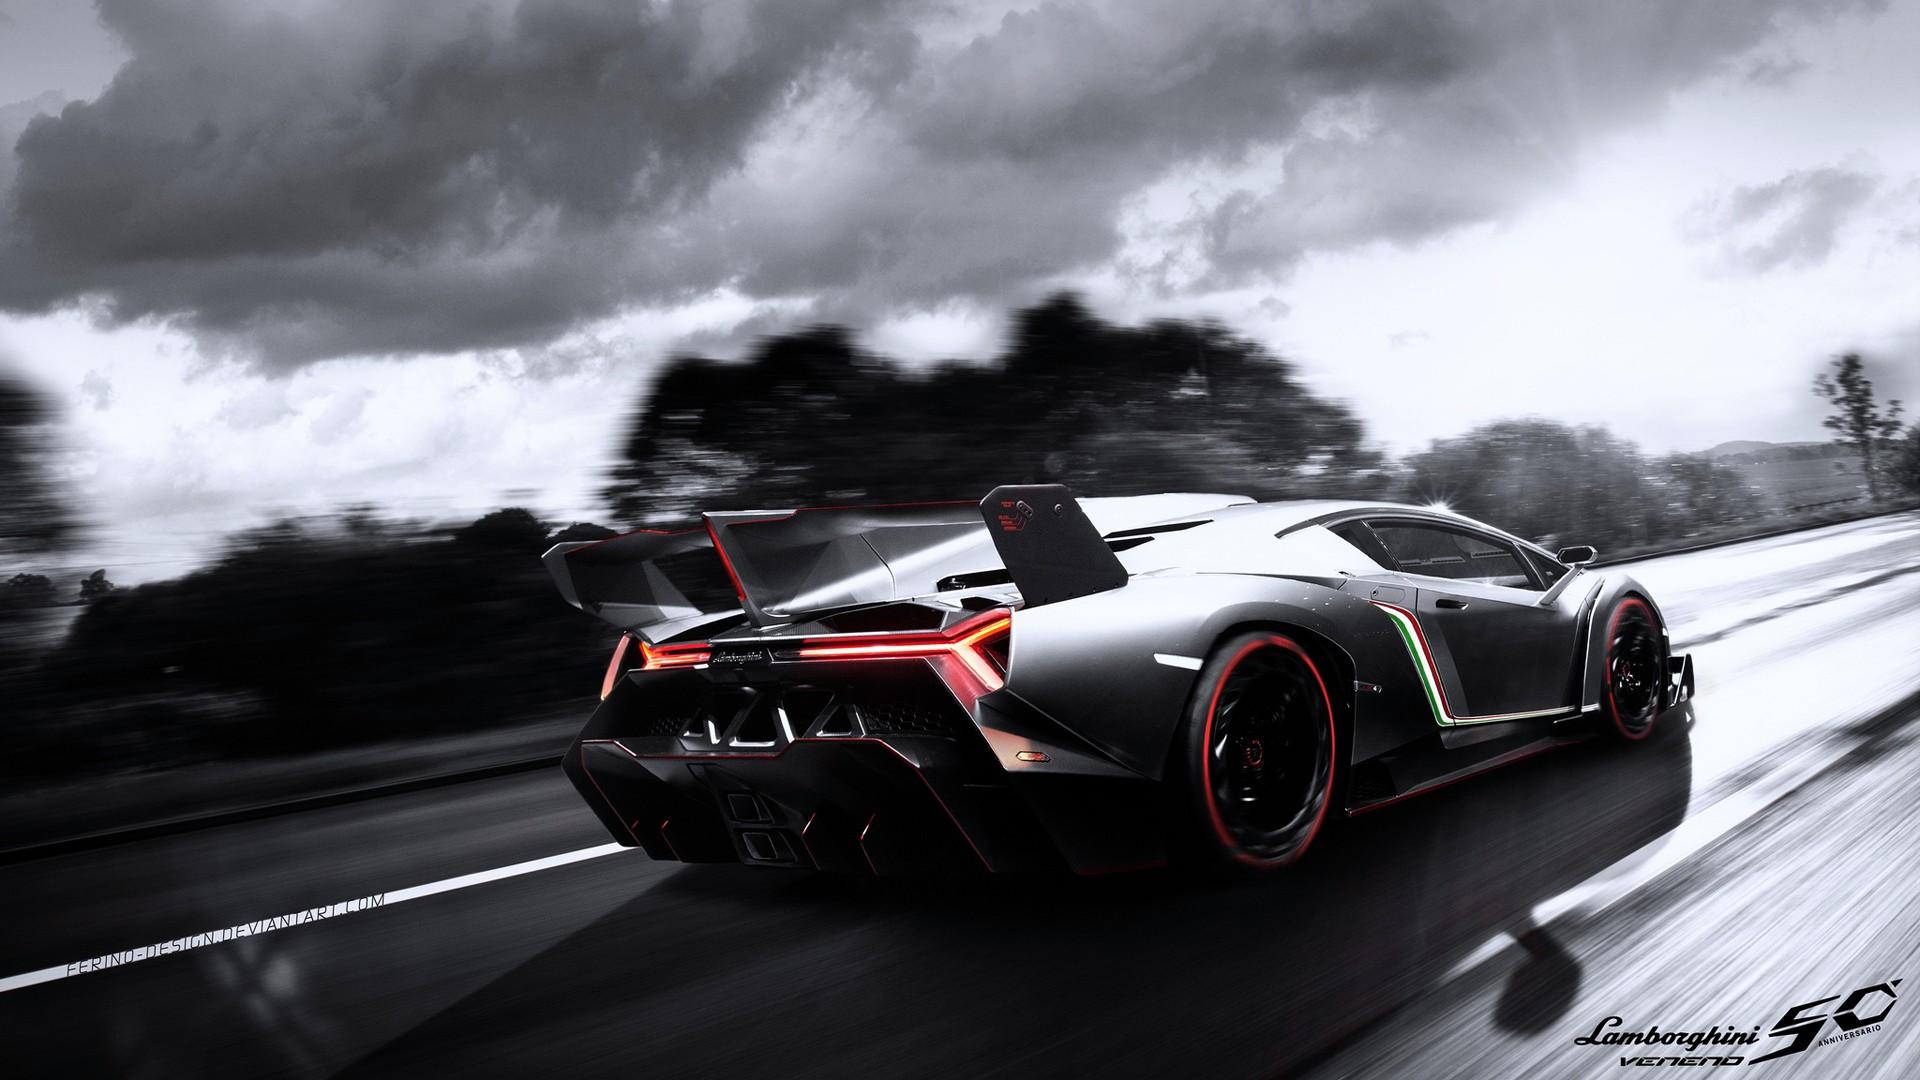 2013 Lamborghini Veneno Exclusive HD Wallpapers 4113 1920x1080